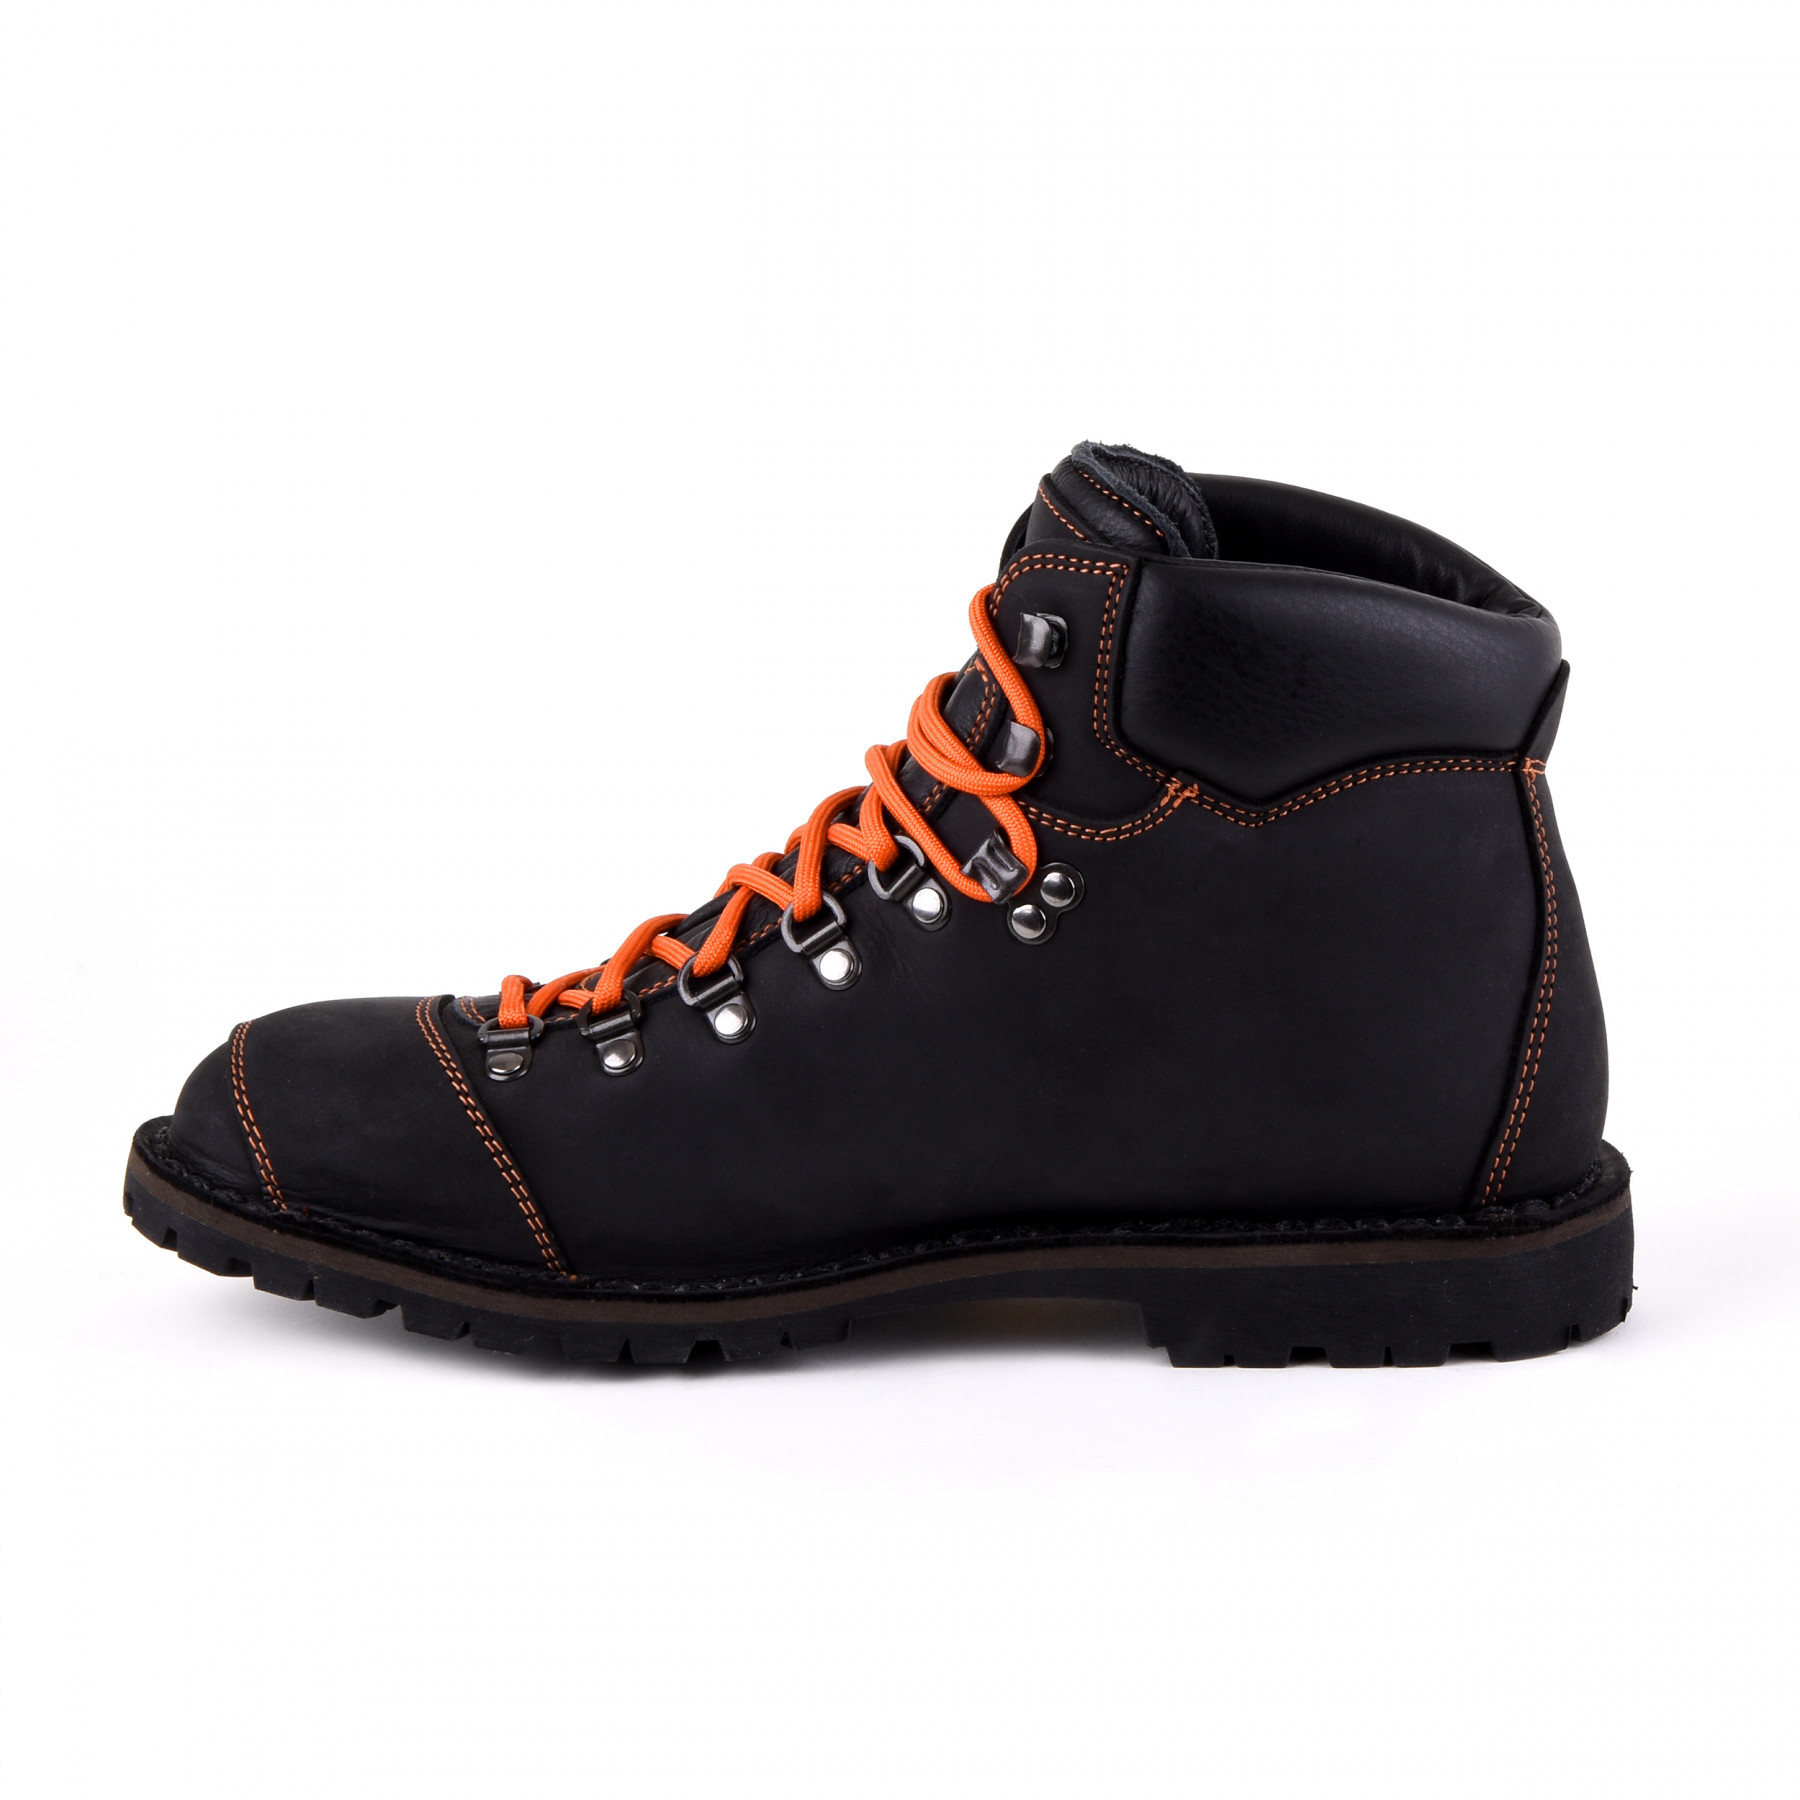 Biker Boot Adventure Denver Black, black gents boot, orange stitching